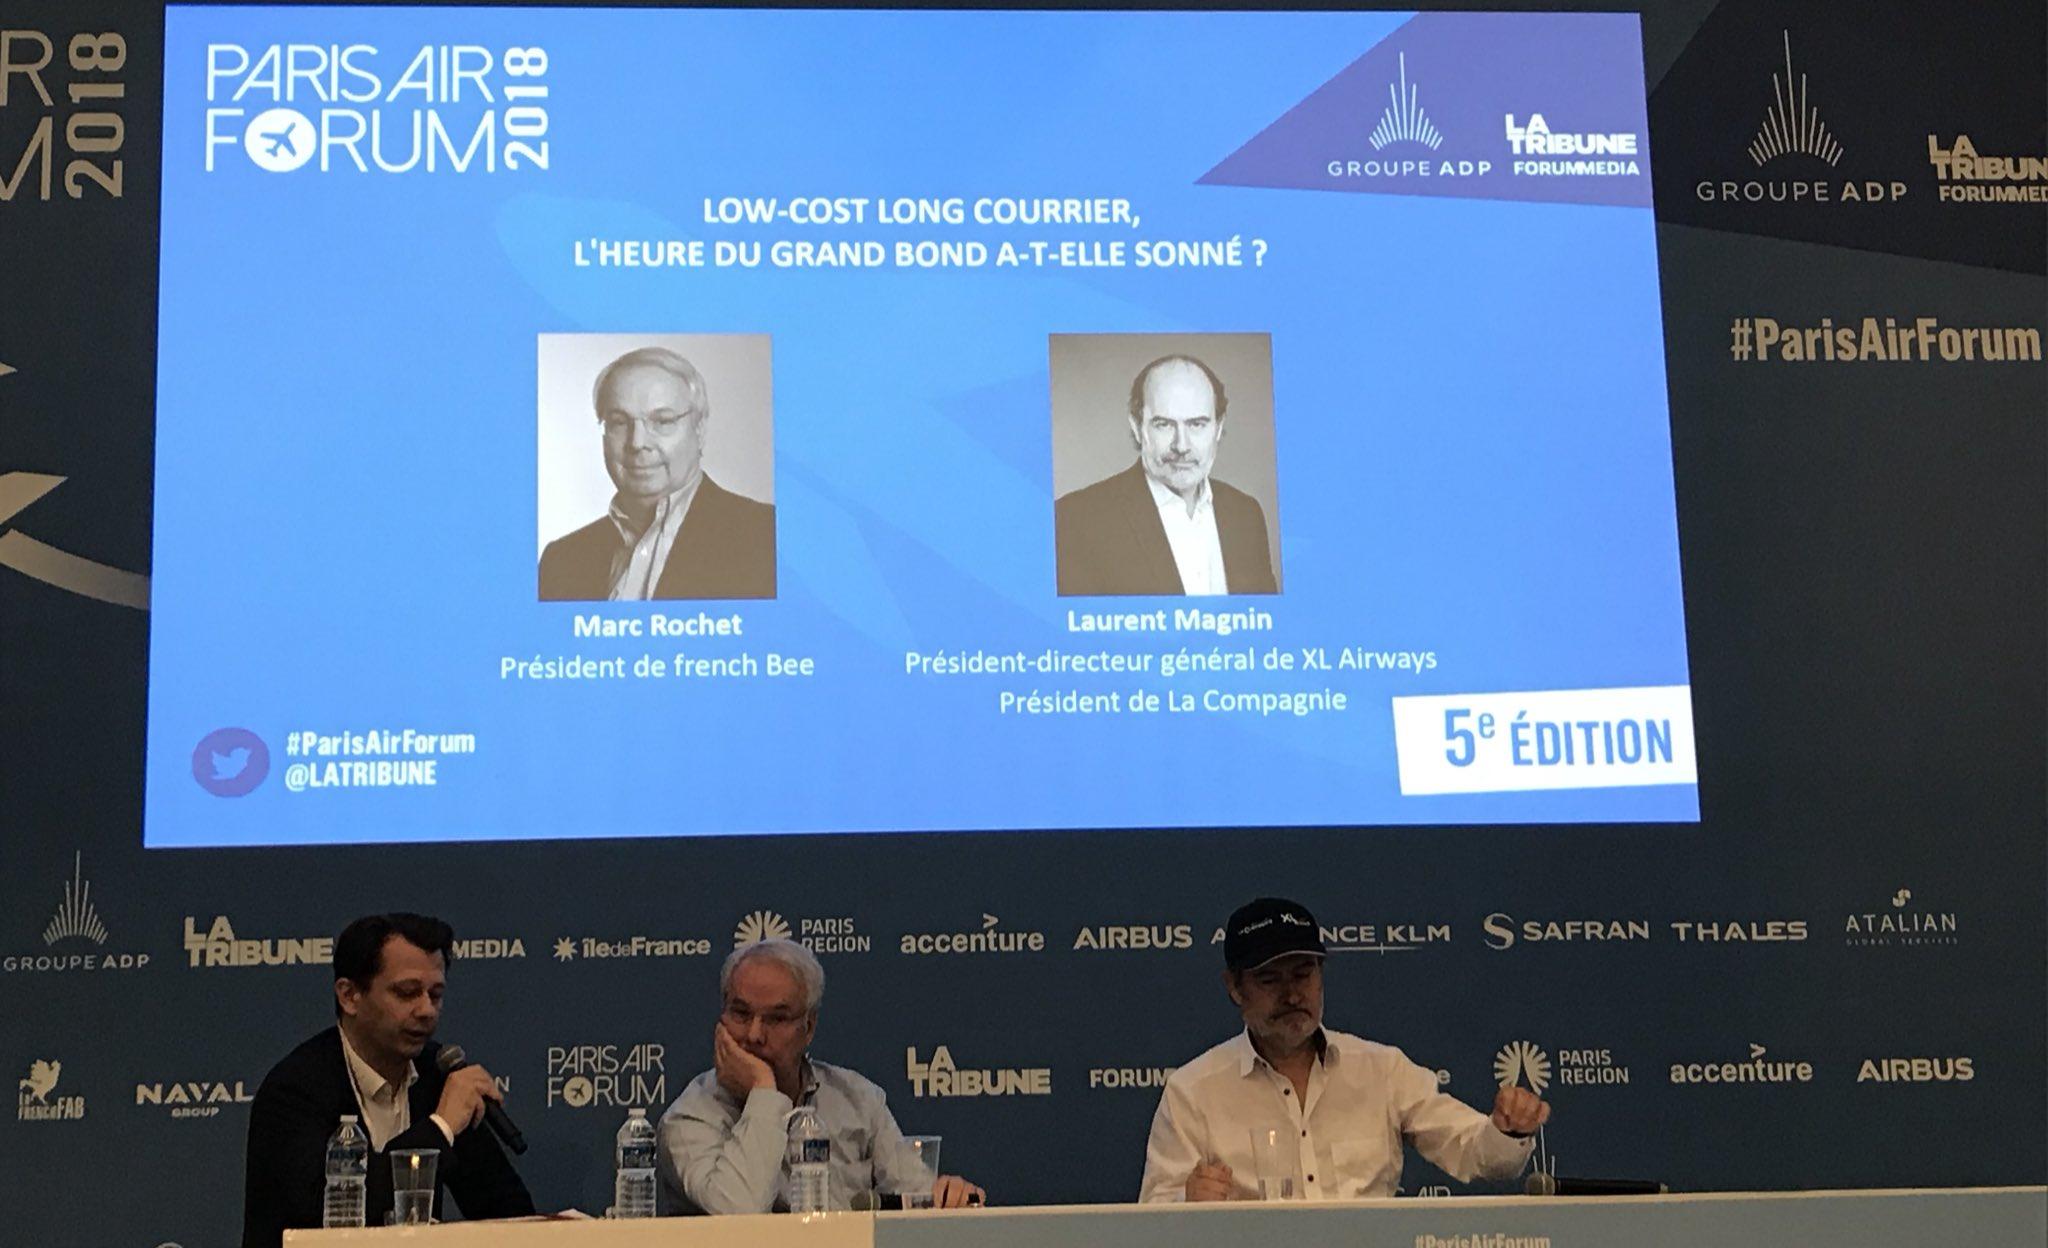 Pour Laurent Magnin et Marc Rochet, les deux pointures de l'aérien français, le succès du low-cost long-courrier ne fait plus aucun doute ©DR